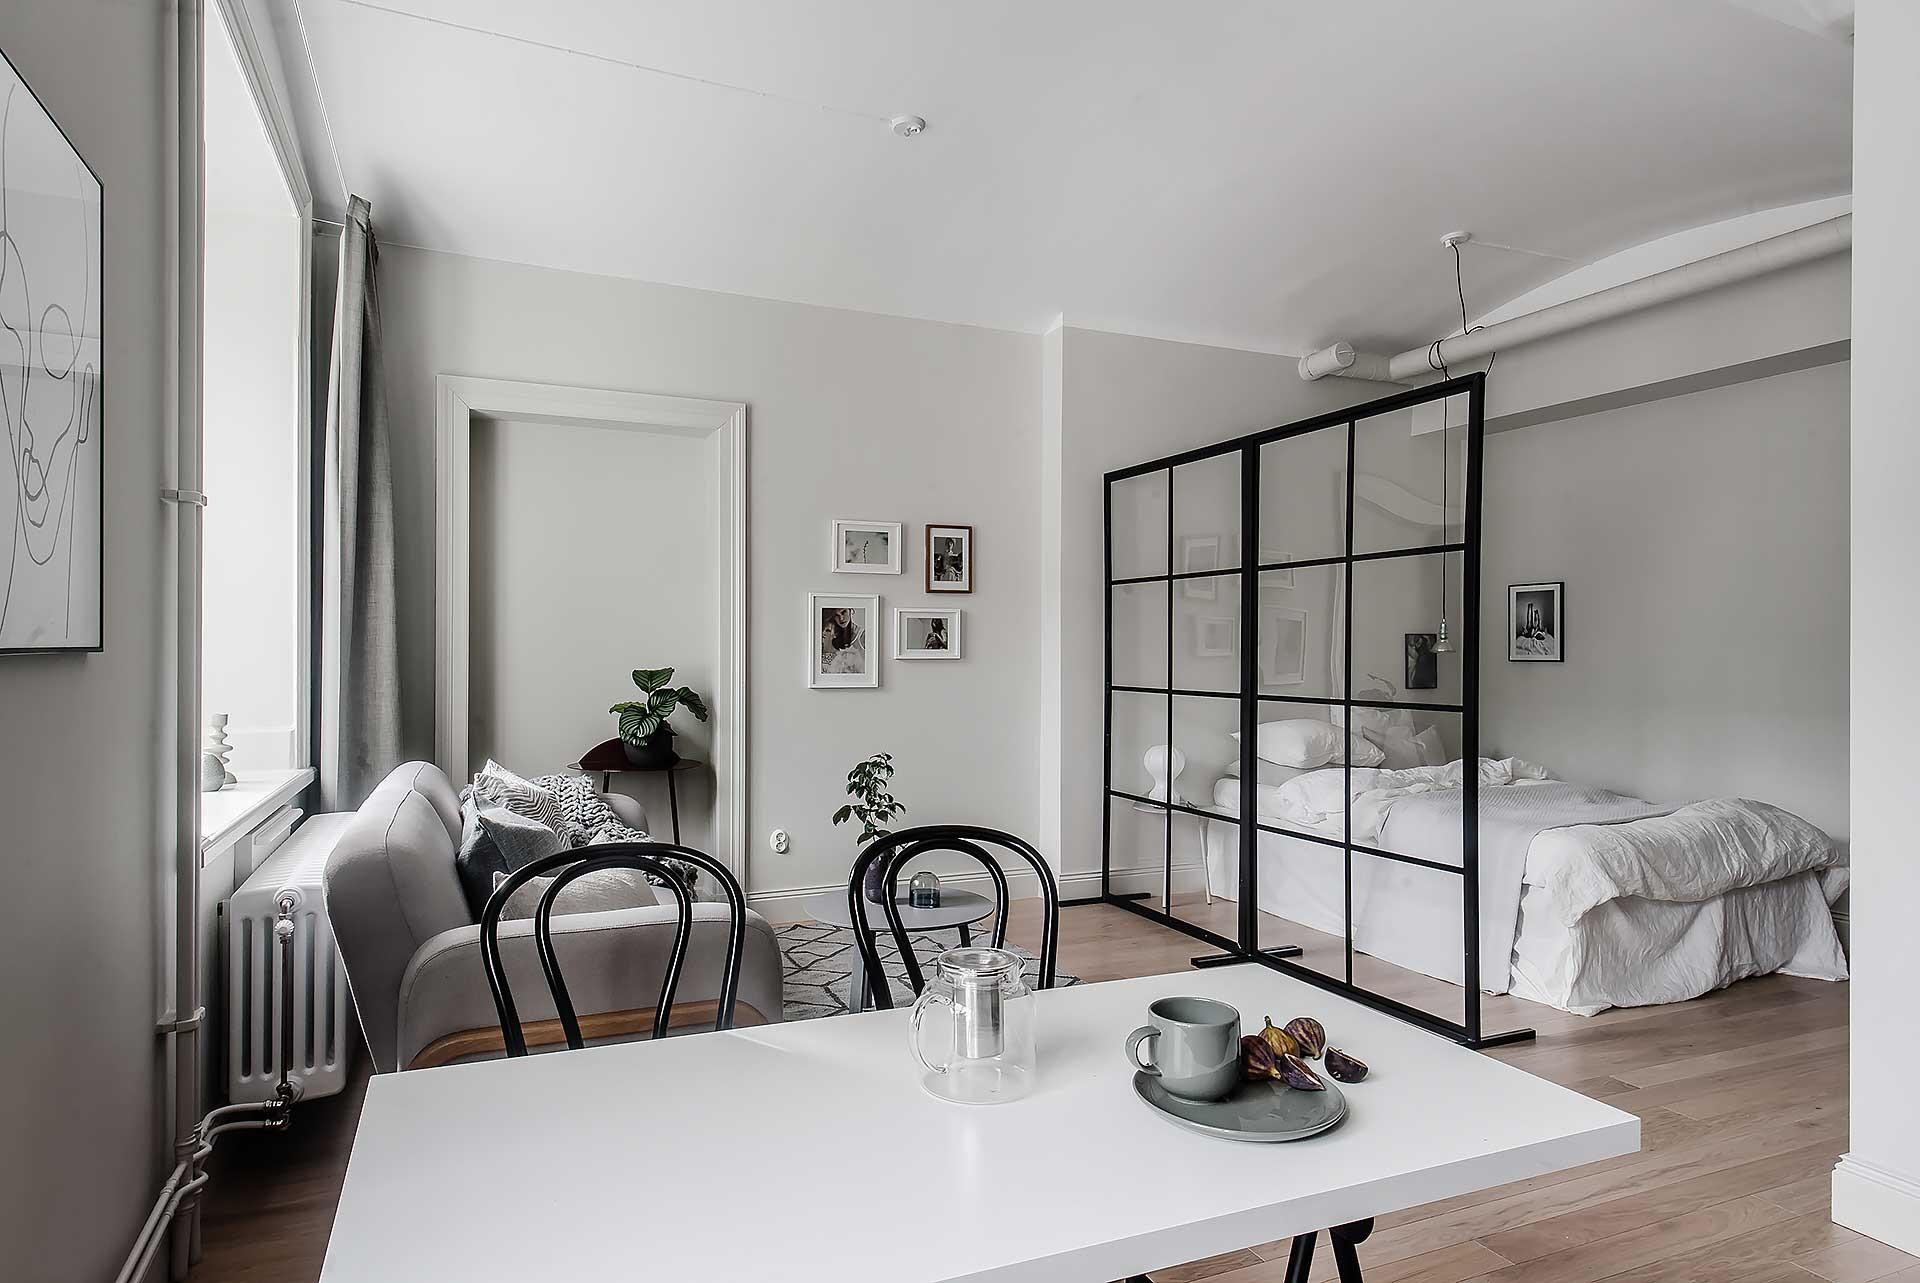 гостиная спальня перегородка стол диван кровать